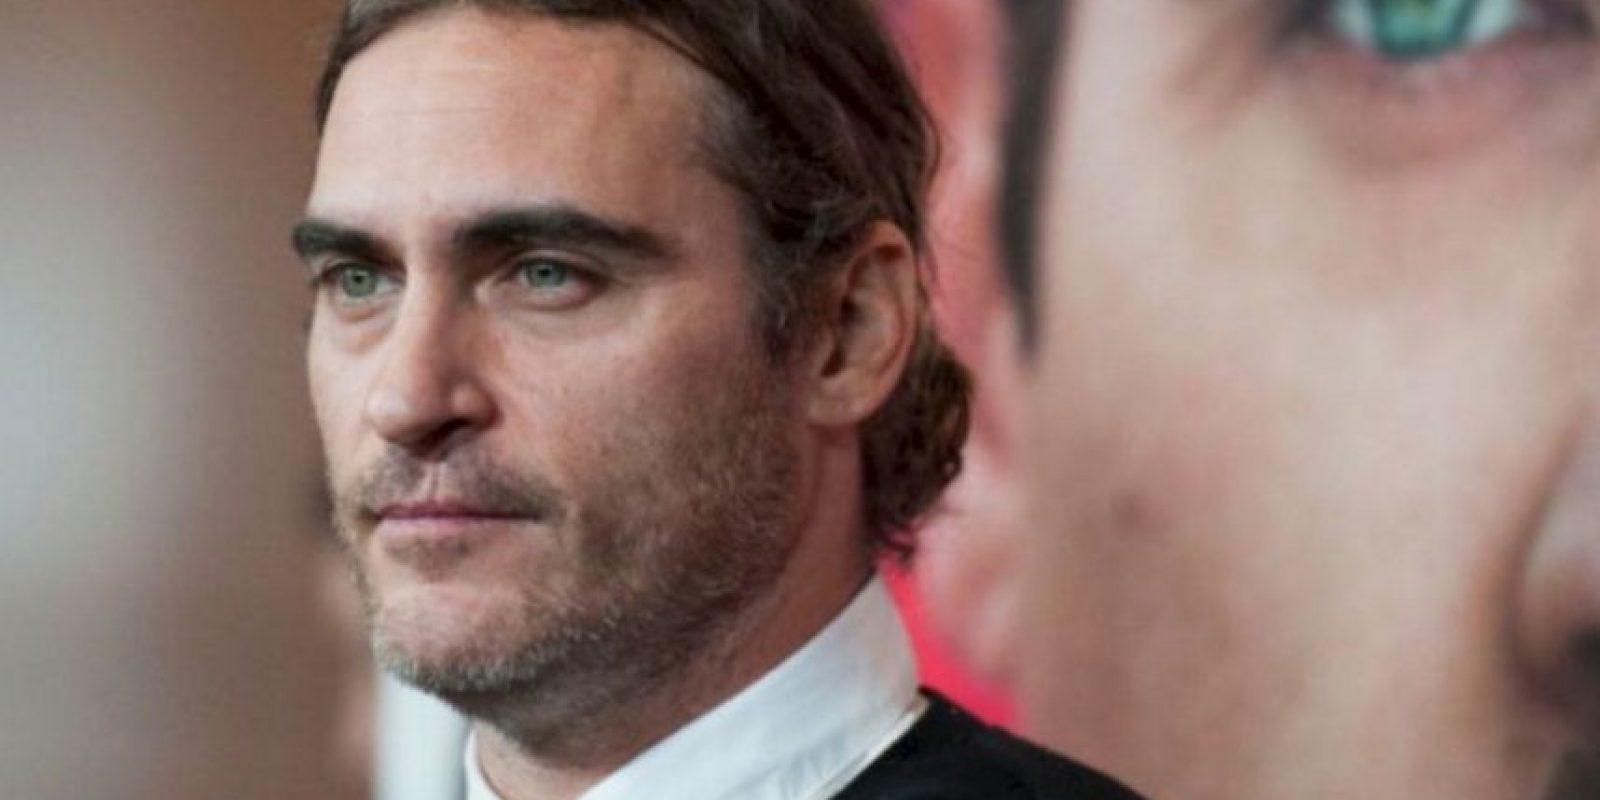 Joaquin Phoenix vio morir a su hermano River (famoso actor en los años 90), de una sobredosis frente al club de Johnny Depp. De hecho, él fue el que llamó a emergencias esa noche. Foto:vía Getty Images. Imagen Por: